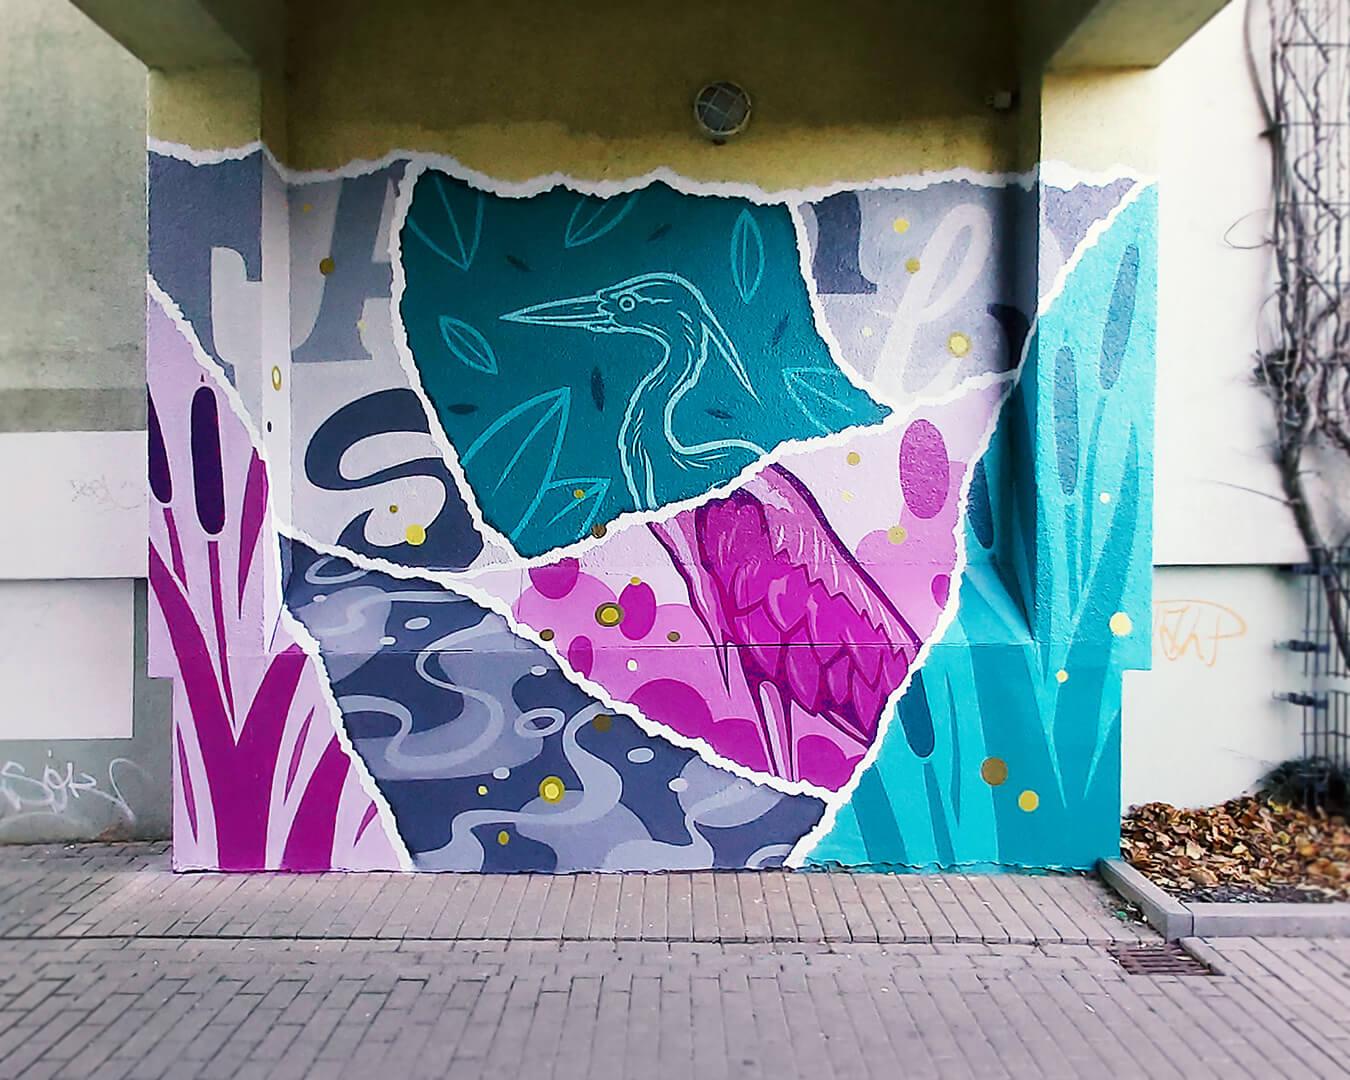 """Graffiti Hausdurchgang """"Stadt und Land"""" Berlin Hellersdorf pinke und türkise Wand mit Reiher"""